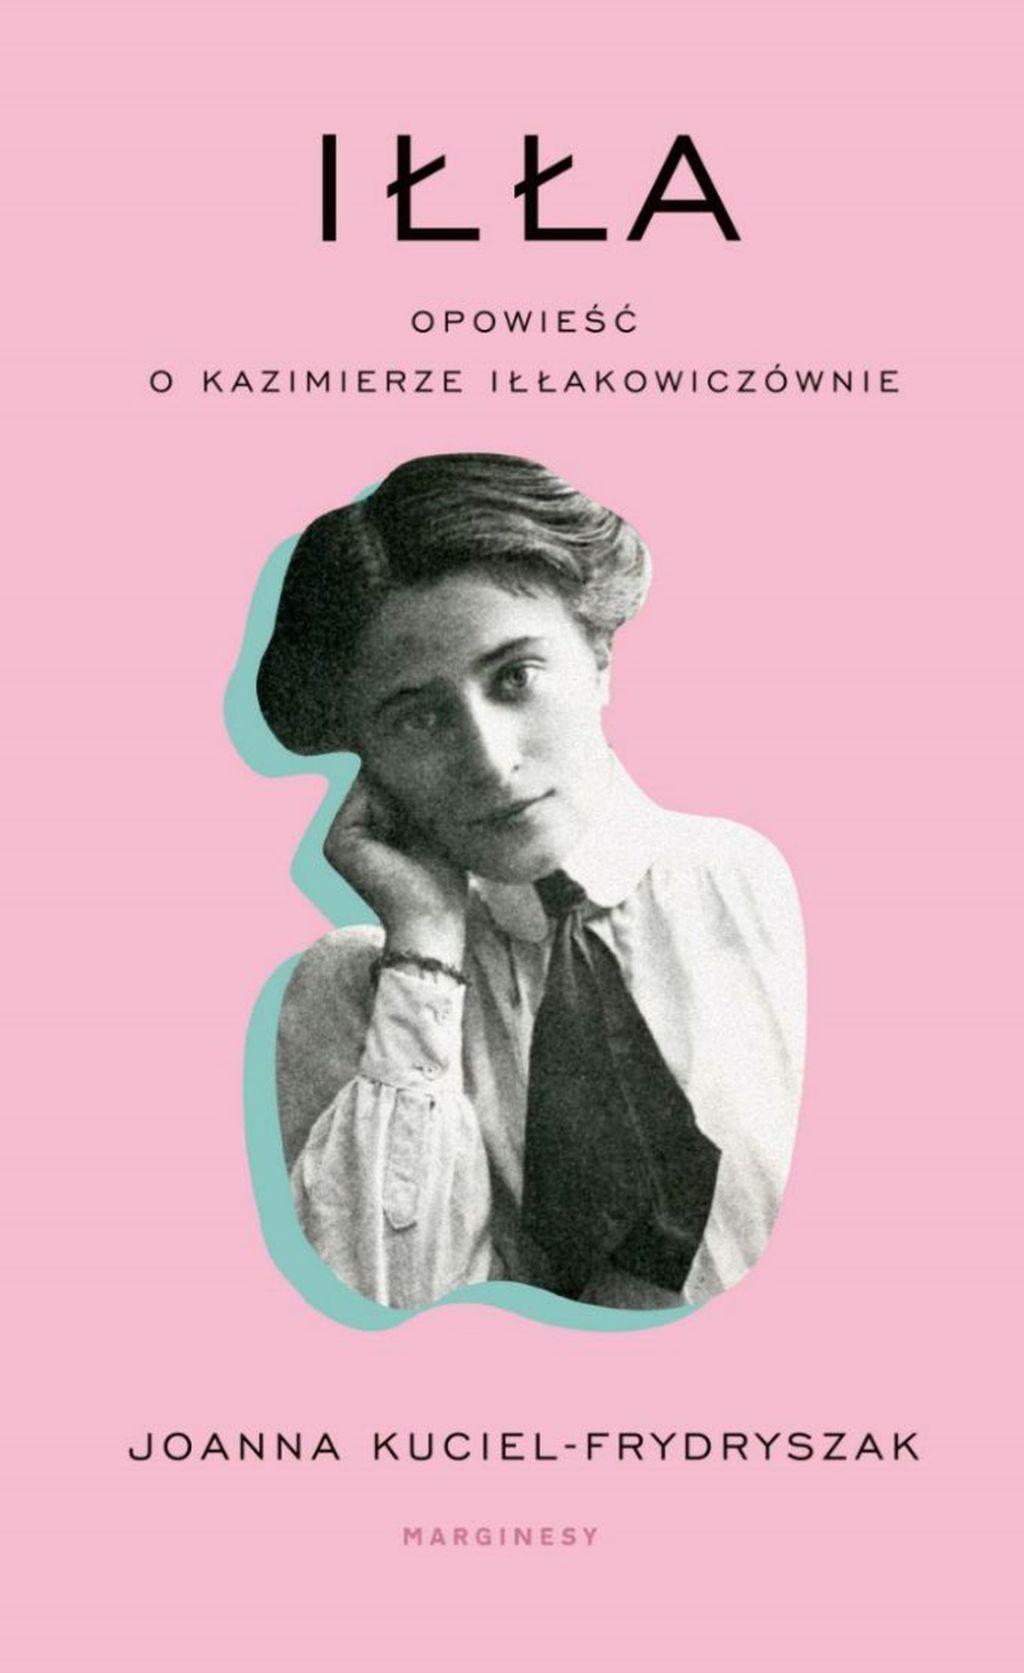 """Joanna Kuciel-Frydryszak, """"Iłła. Opowieść o Kazimierze Iłłakowiczównie"""" (źródło: materiały prasowe wydawnictwa)"""